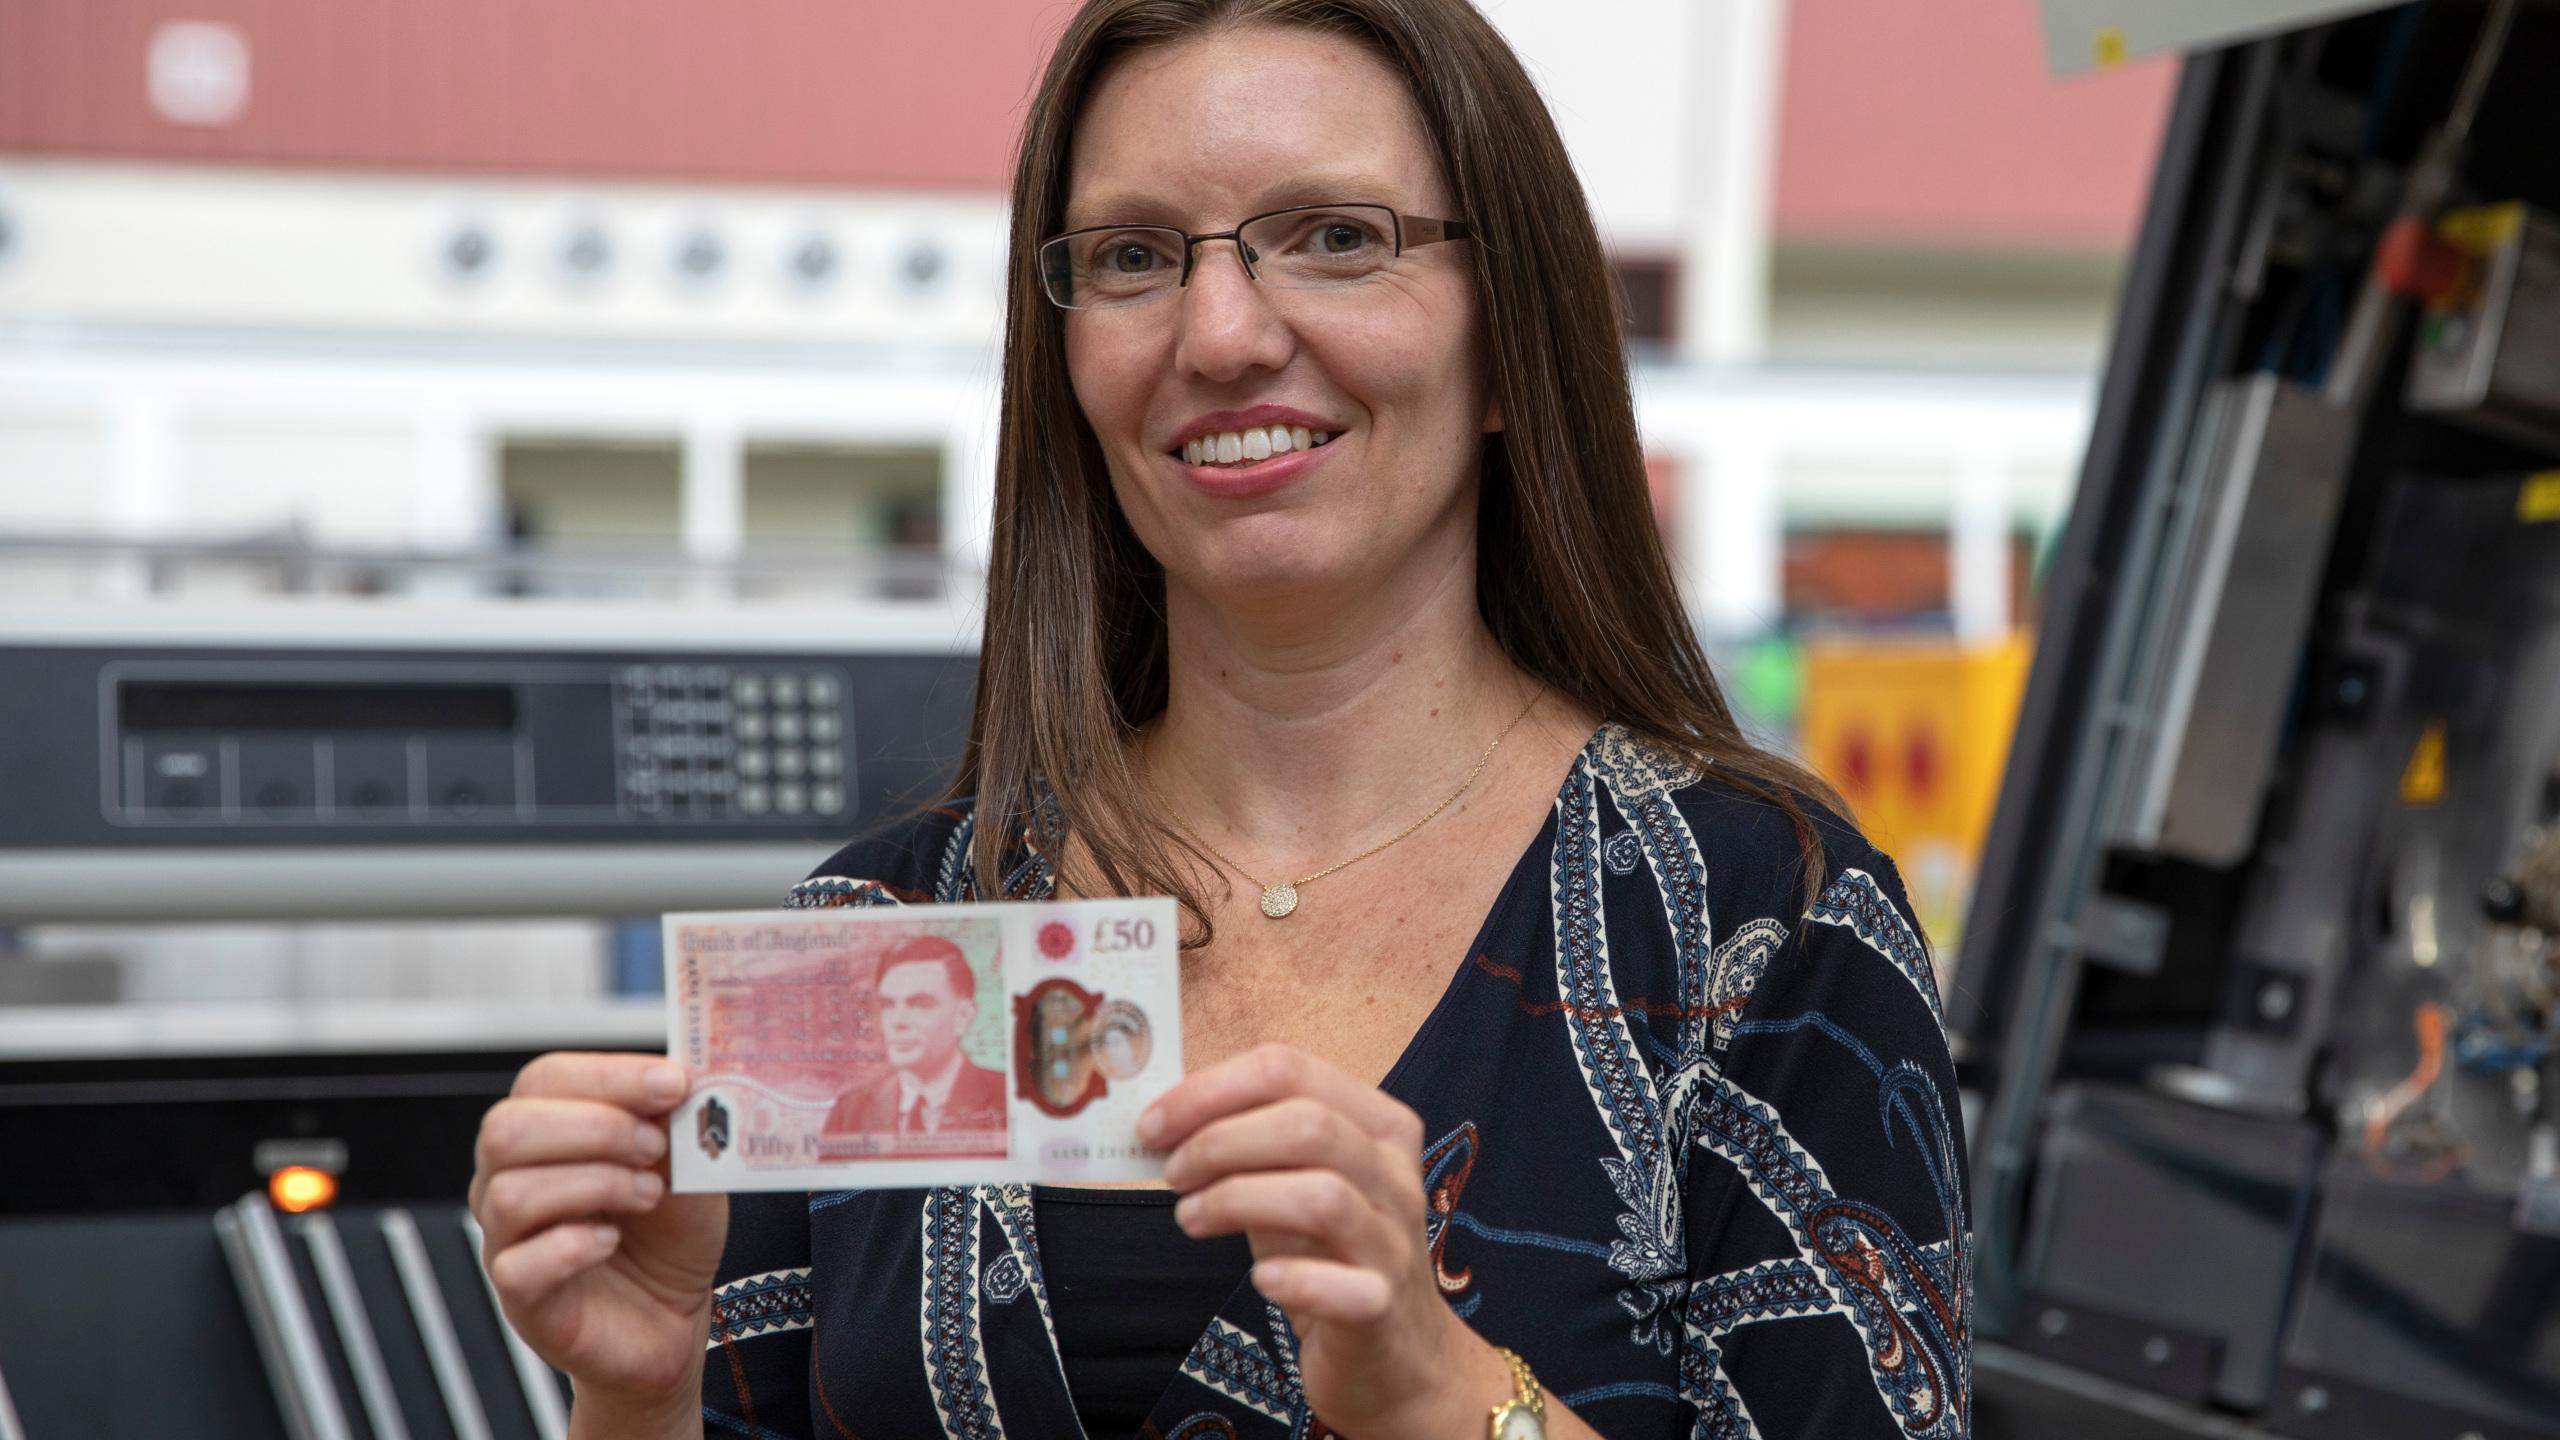 В Британии появится банкнота с изображением Тьюринга: кто он такой и чем заслужил подобную честь (ФОТО) - фото 3